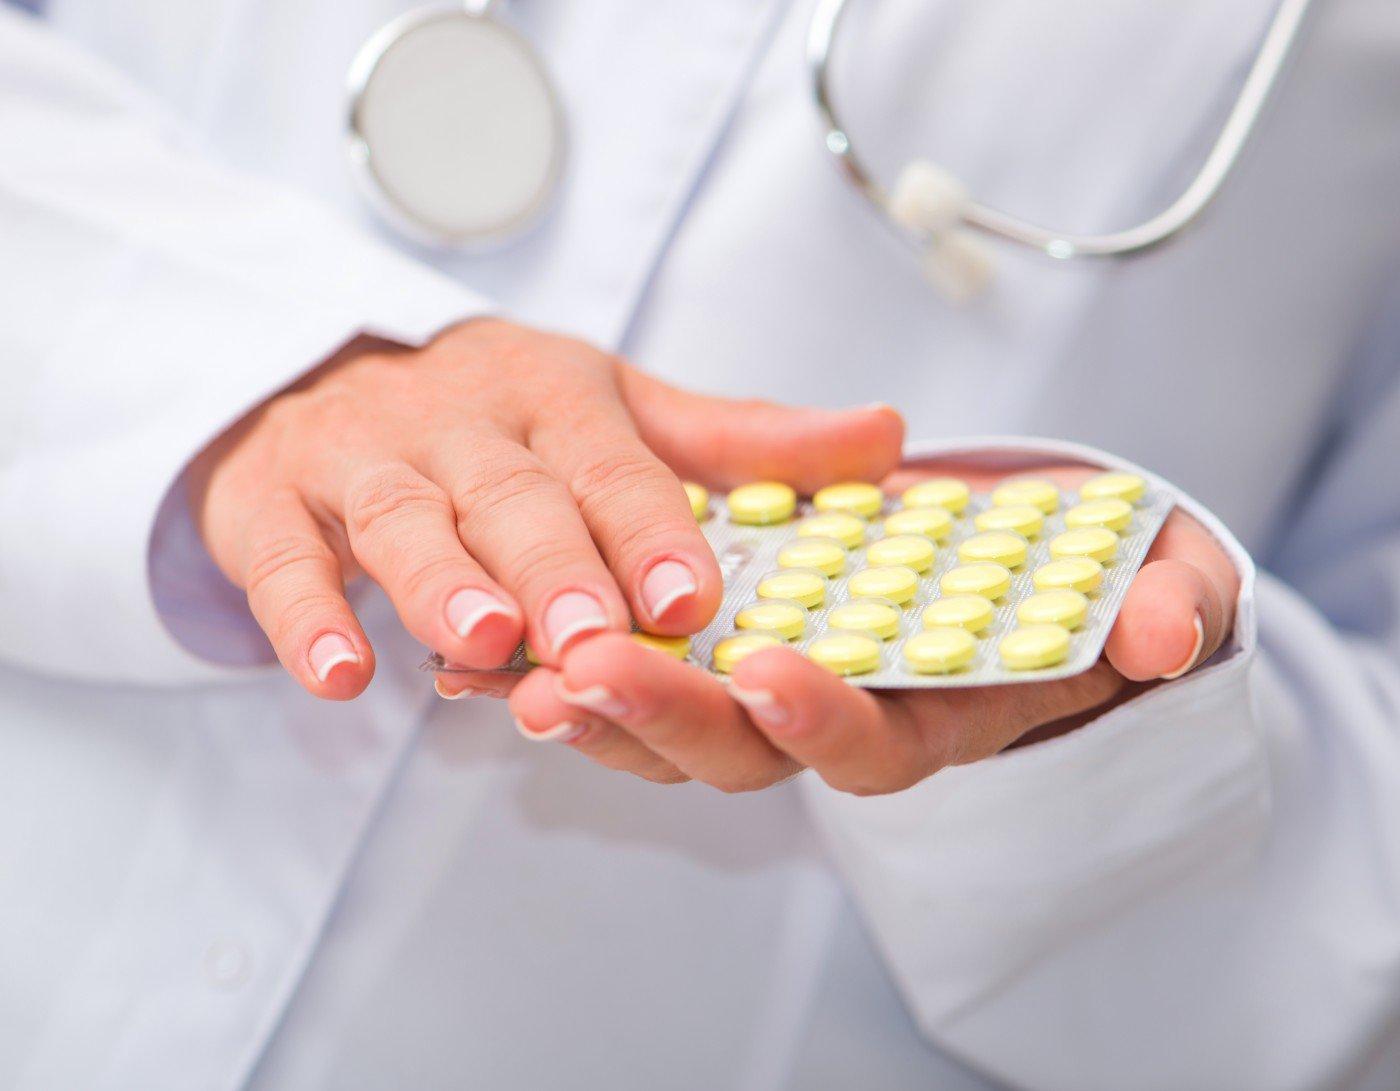 Артериальная гипертензия таблетки — Симптомы здоровья